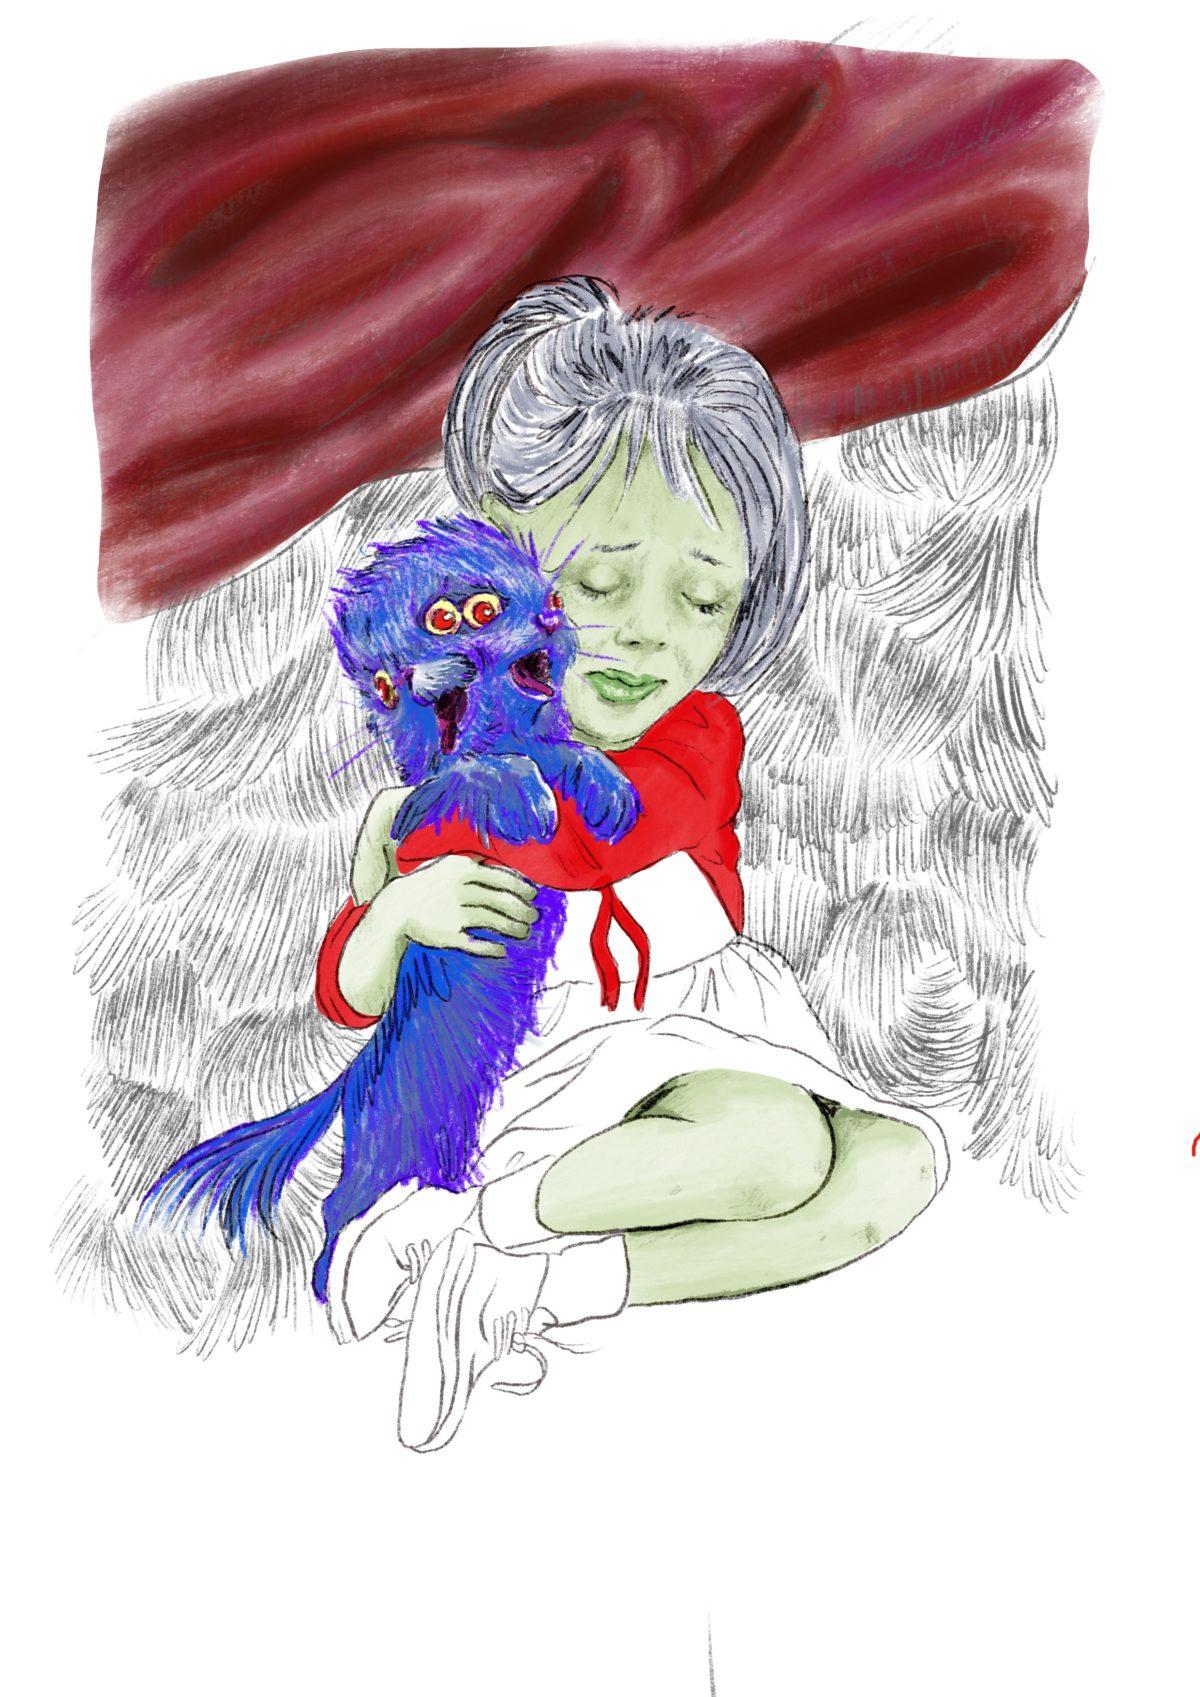 Ansiedad dessin numérique illustration Cécile Alvarez